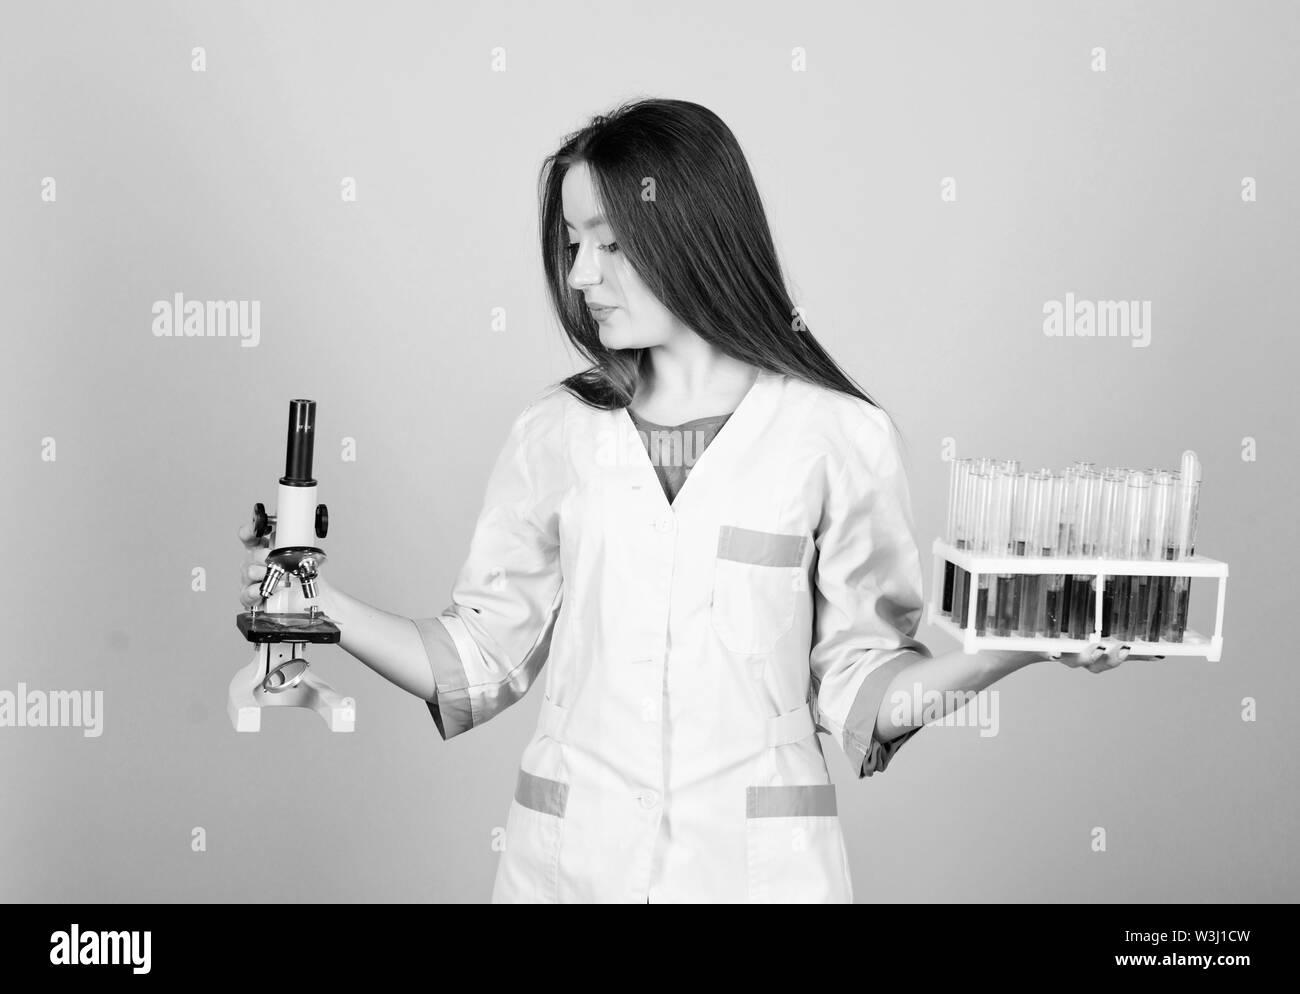 L'étude scientifique de la science. girl scientifique au laboratoire. bon résultat. fille médecin avec tube d'essais microscope, la recherche. L'expérimentation de produits chimiques ou micro Photo Stock